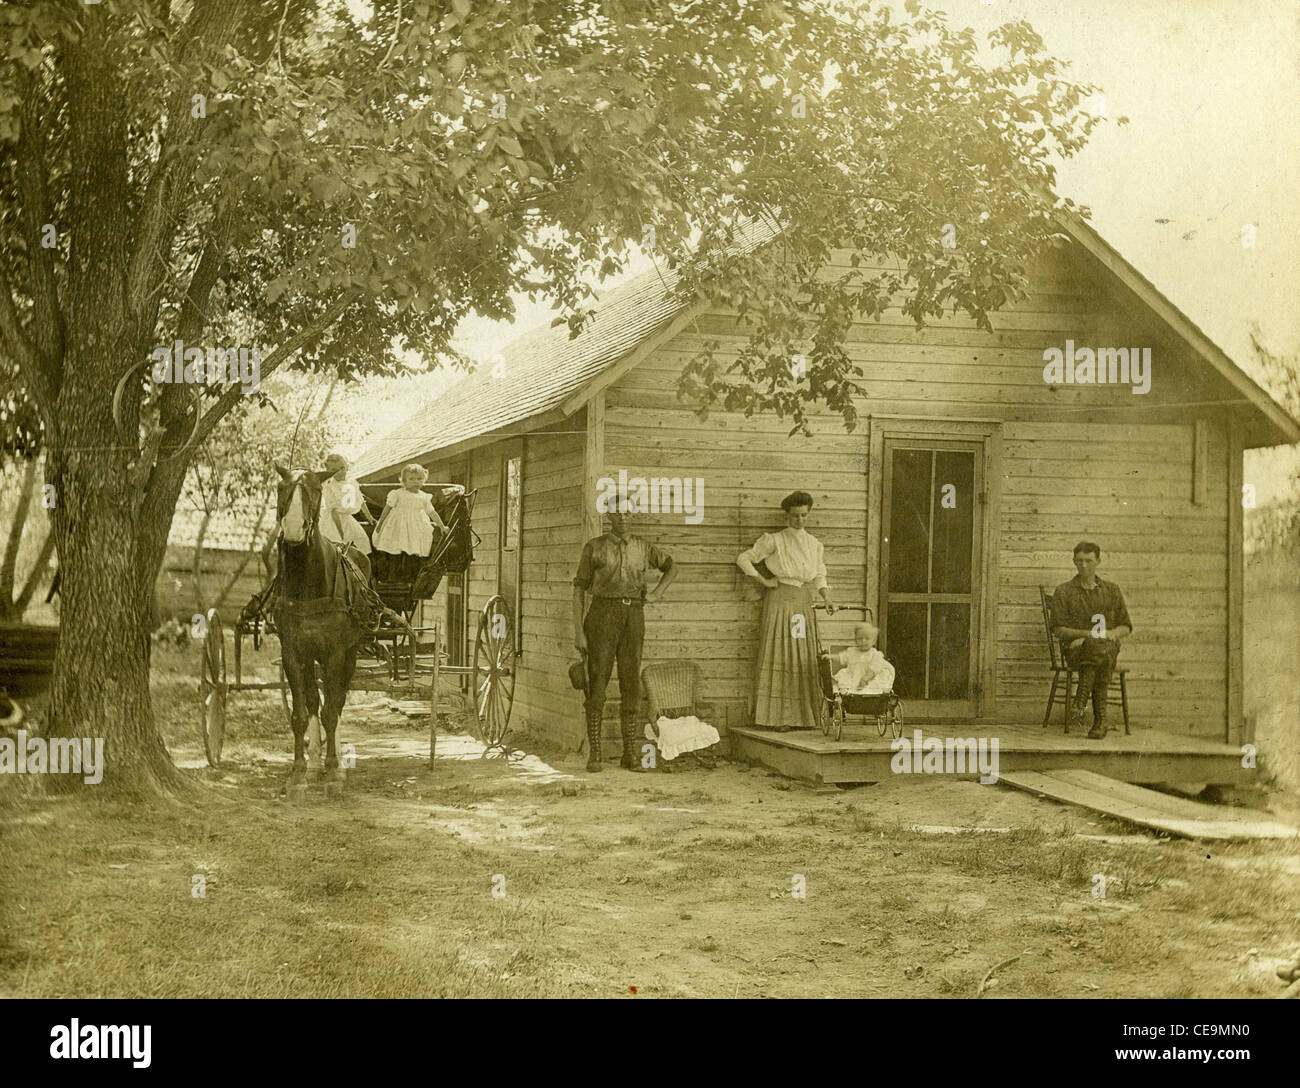 Siedler mit Pferd und Buggy stand vor Holzhaus in Illinois 1916 Pioniere Bauern Midwest Gehöft Vintage Foto Stockbild